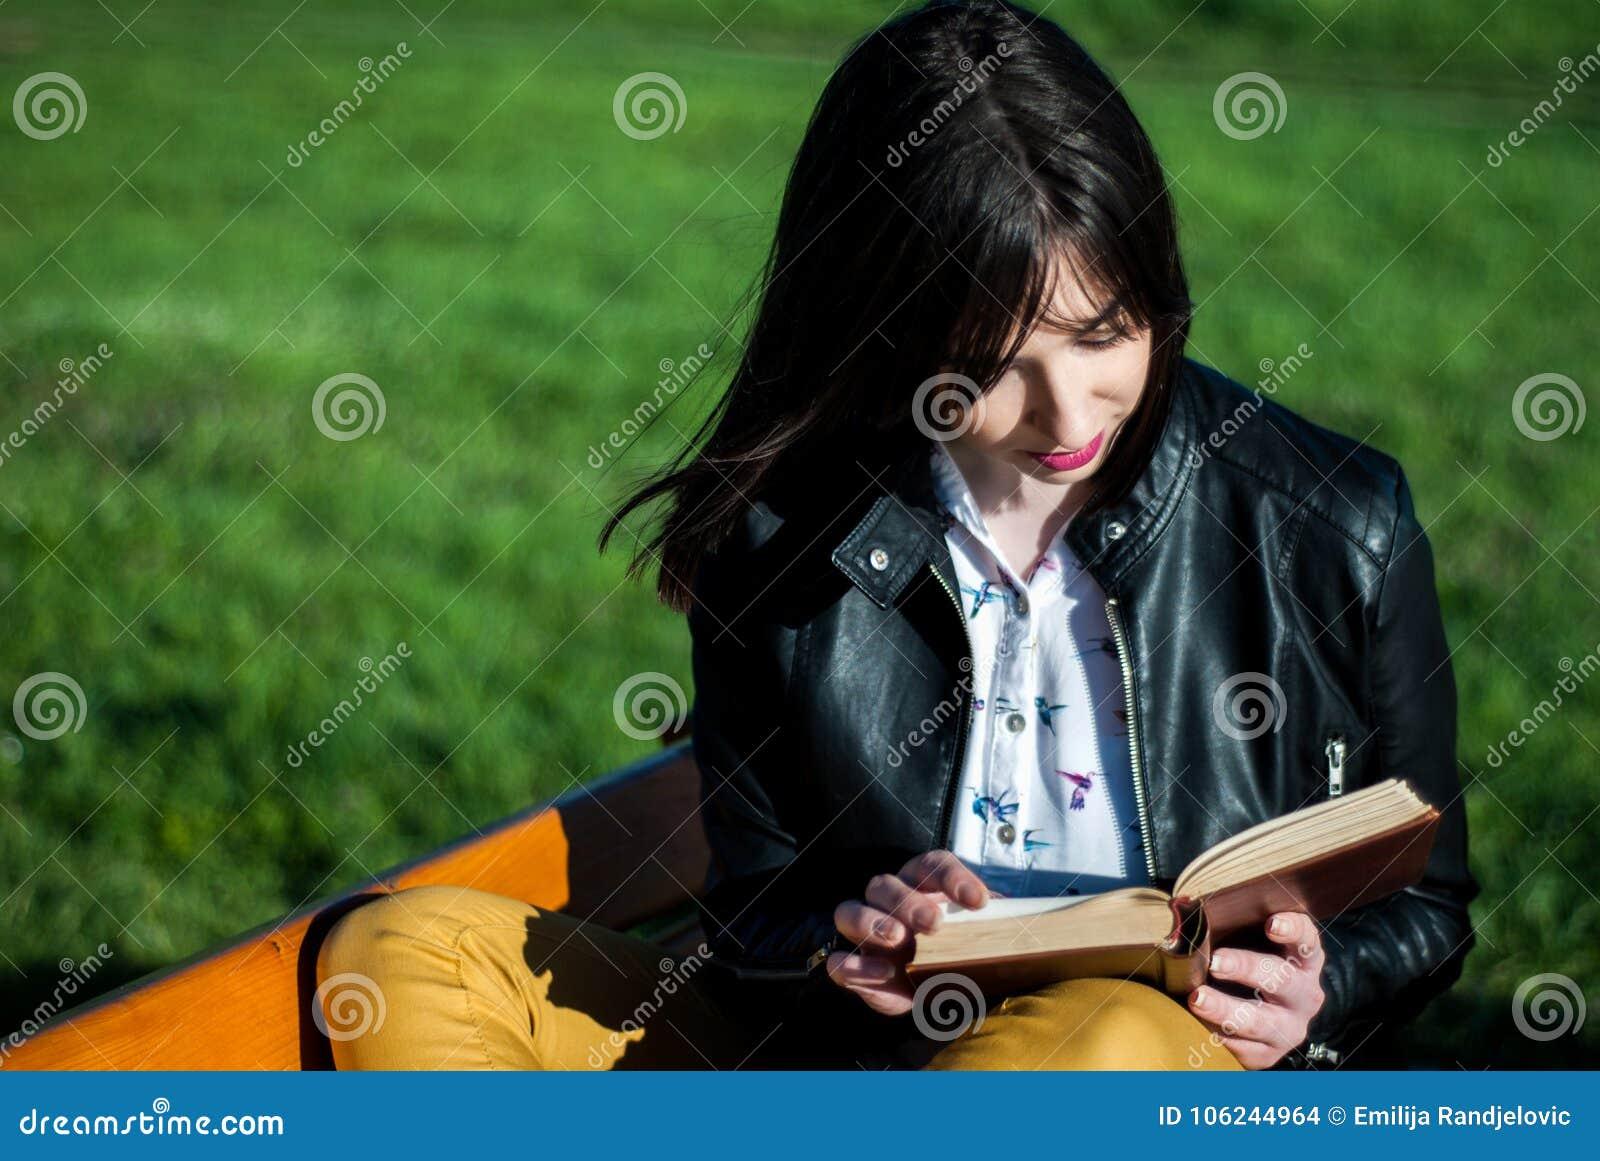 Ung flicka som läser en bok på en solig dag för vår på en bänk i natur